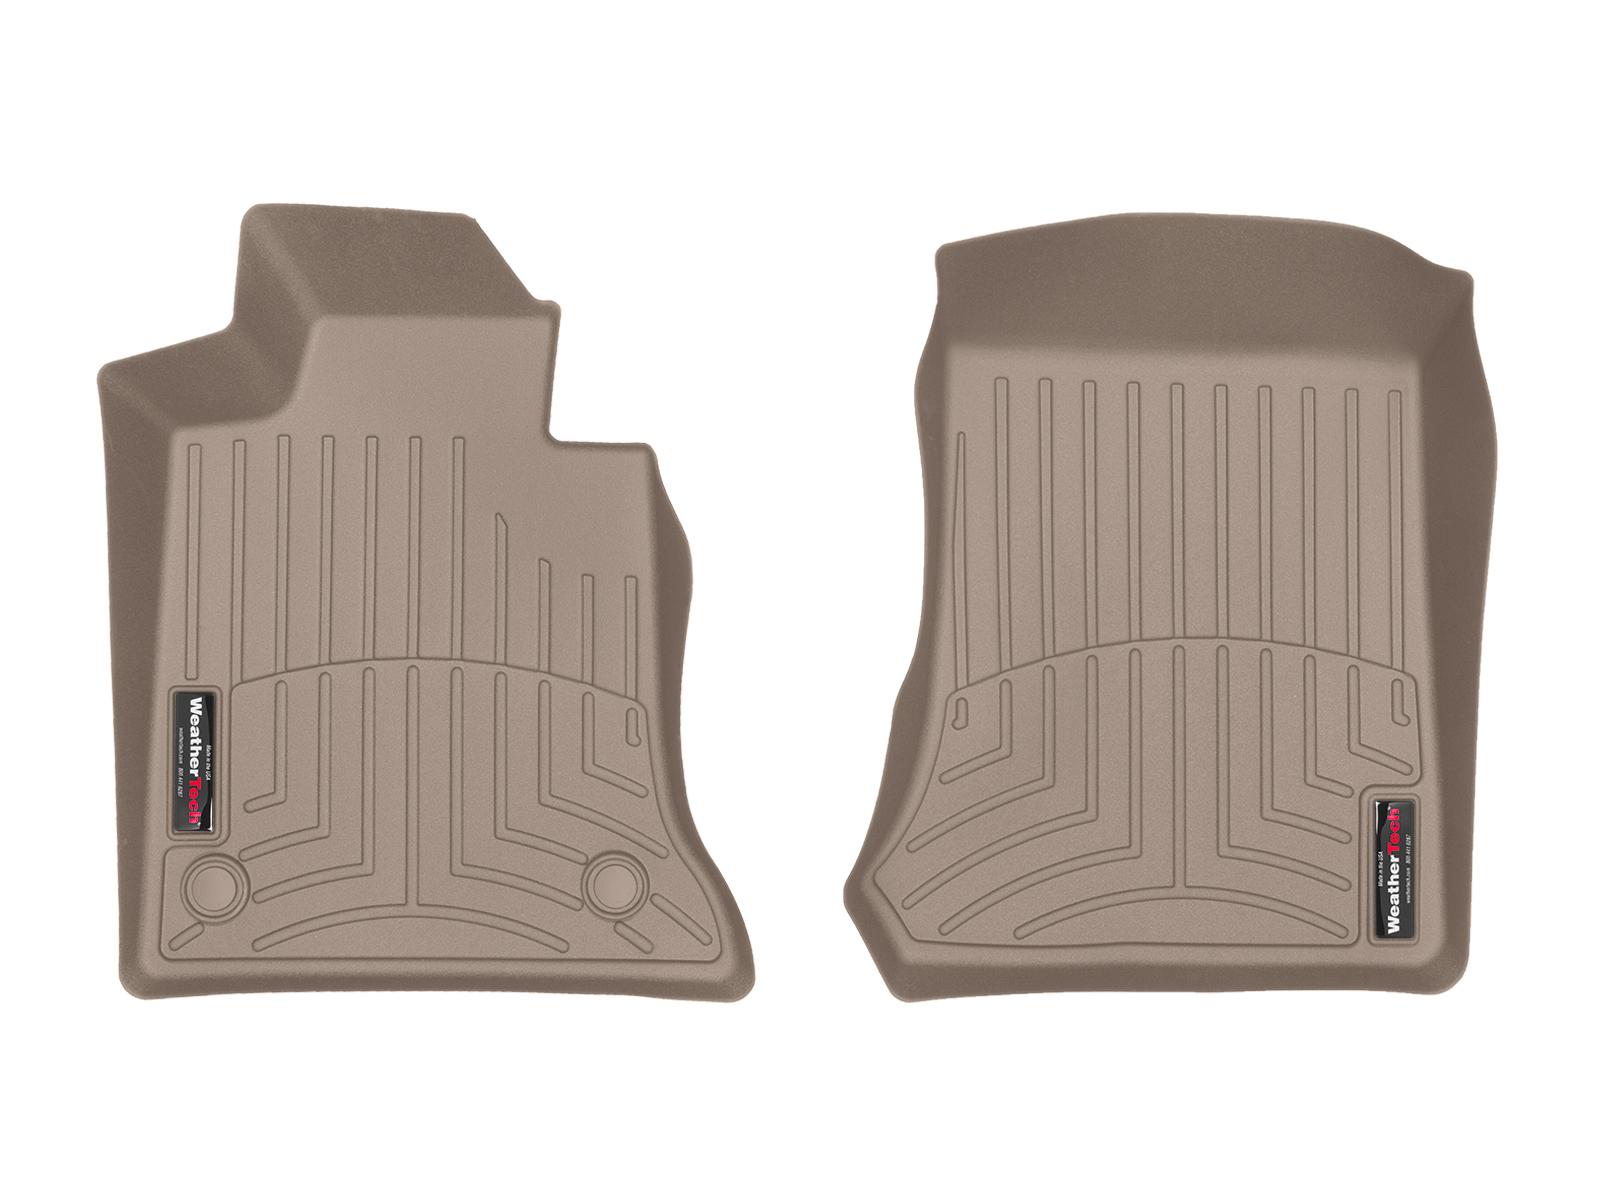 Tappeti gomma su misura bordo alto Mercedes GLK-Class 09>11 Marrone A2488